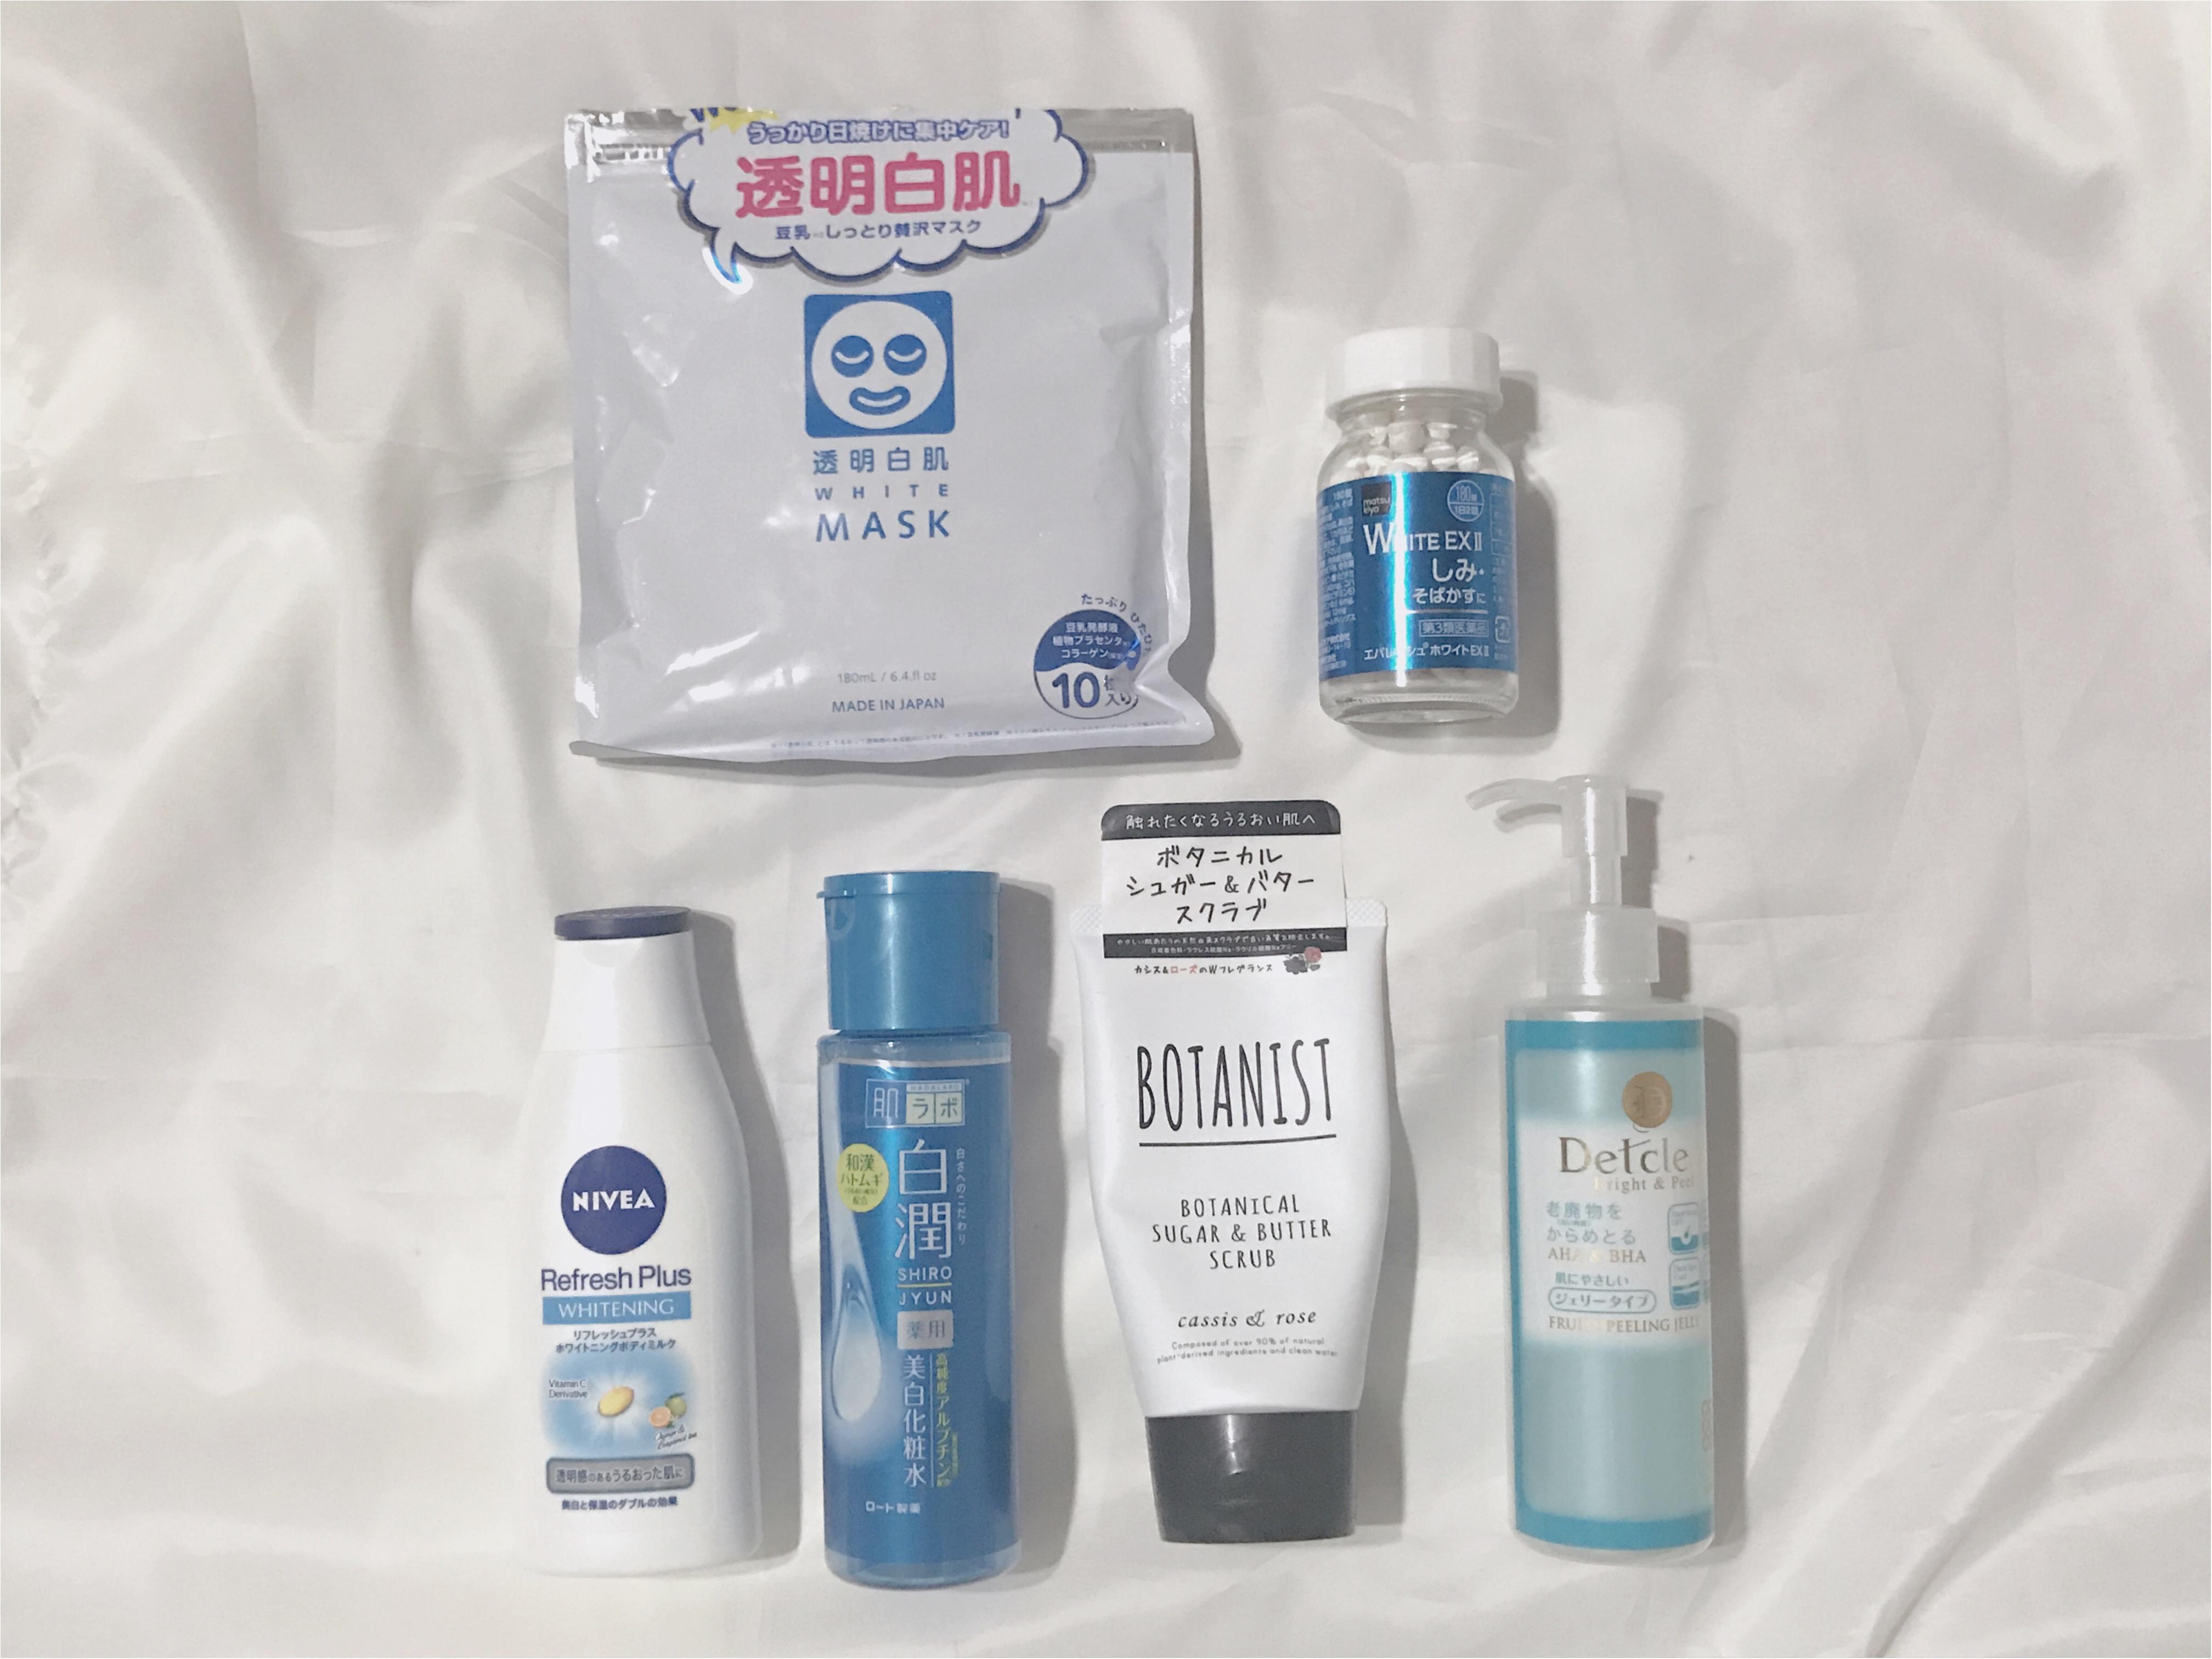 美白化粧品特集 - シミやくすみ対策・肌の透明感アップが期待できるコスメは? 記事Photo Gallery_1_41